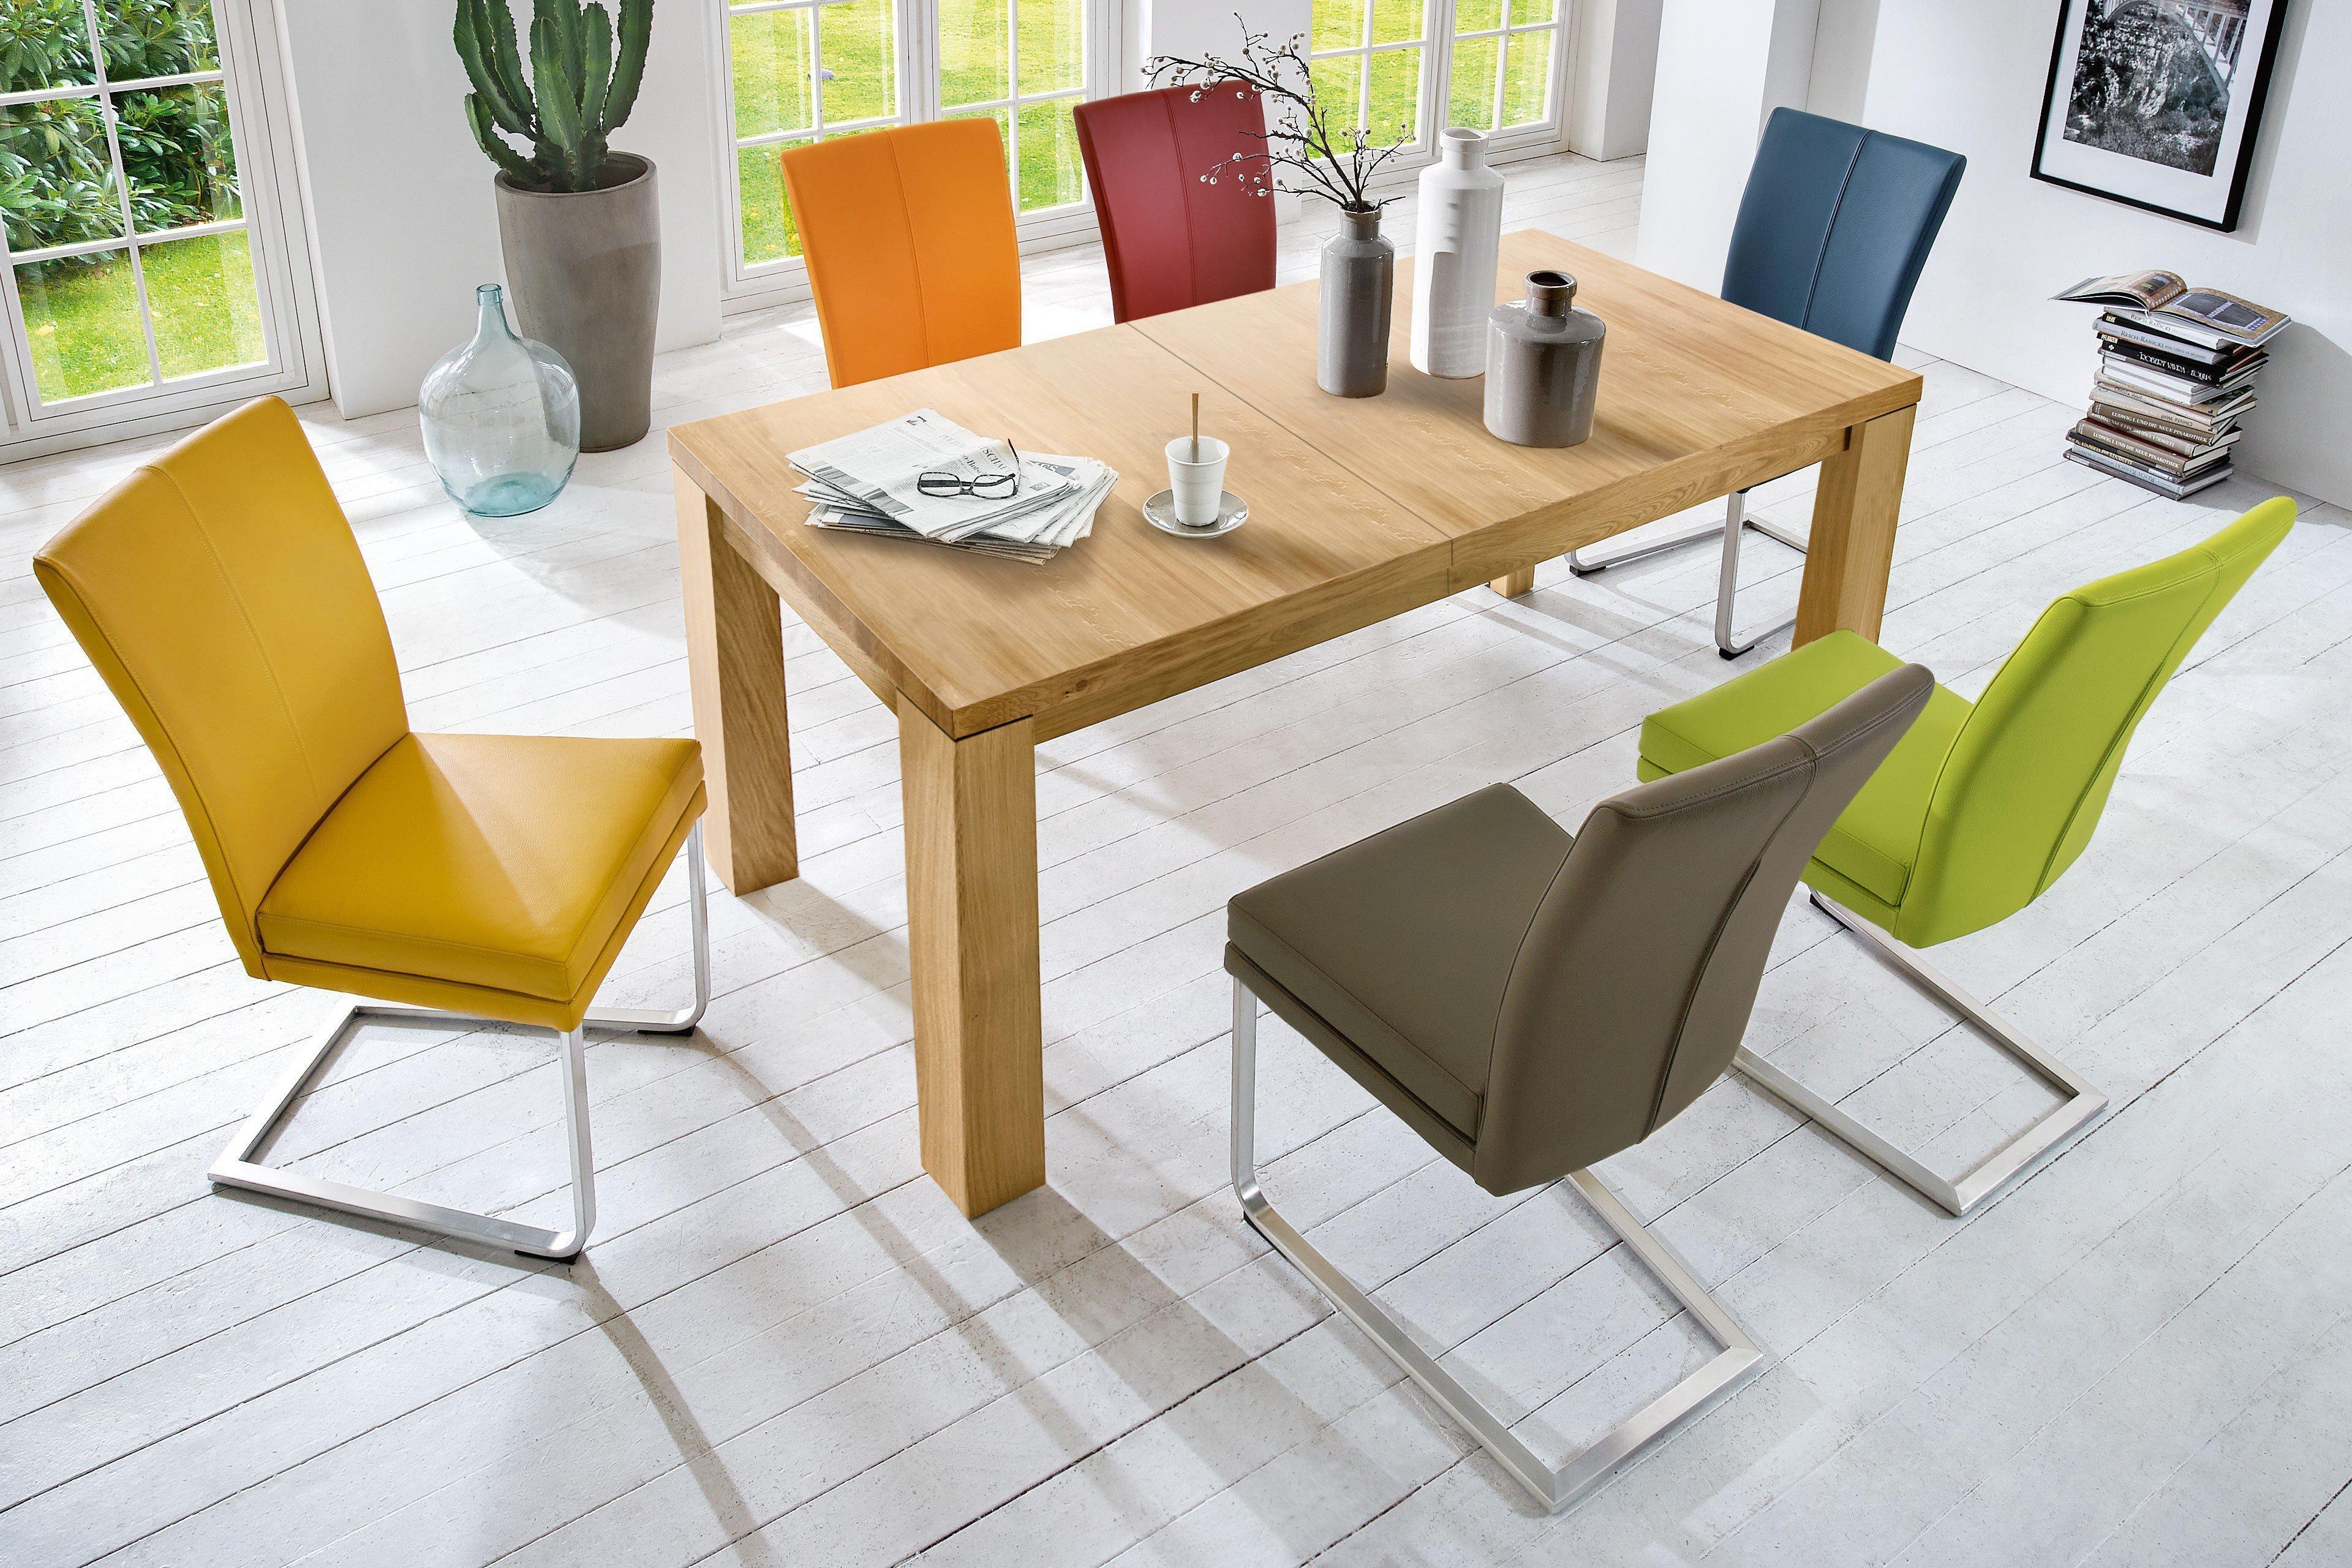 Faszinierend Tisch Esszimmer Das Beste Von Von Niehoff Sitzmöbel - 8833 & Stühle